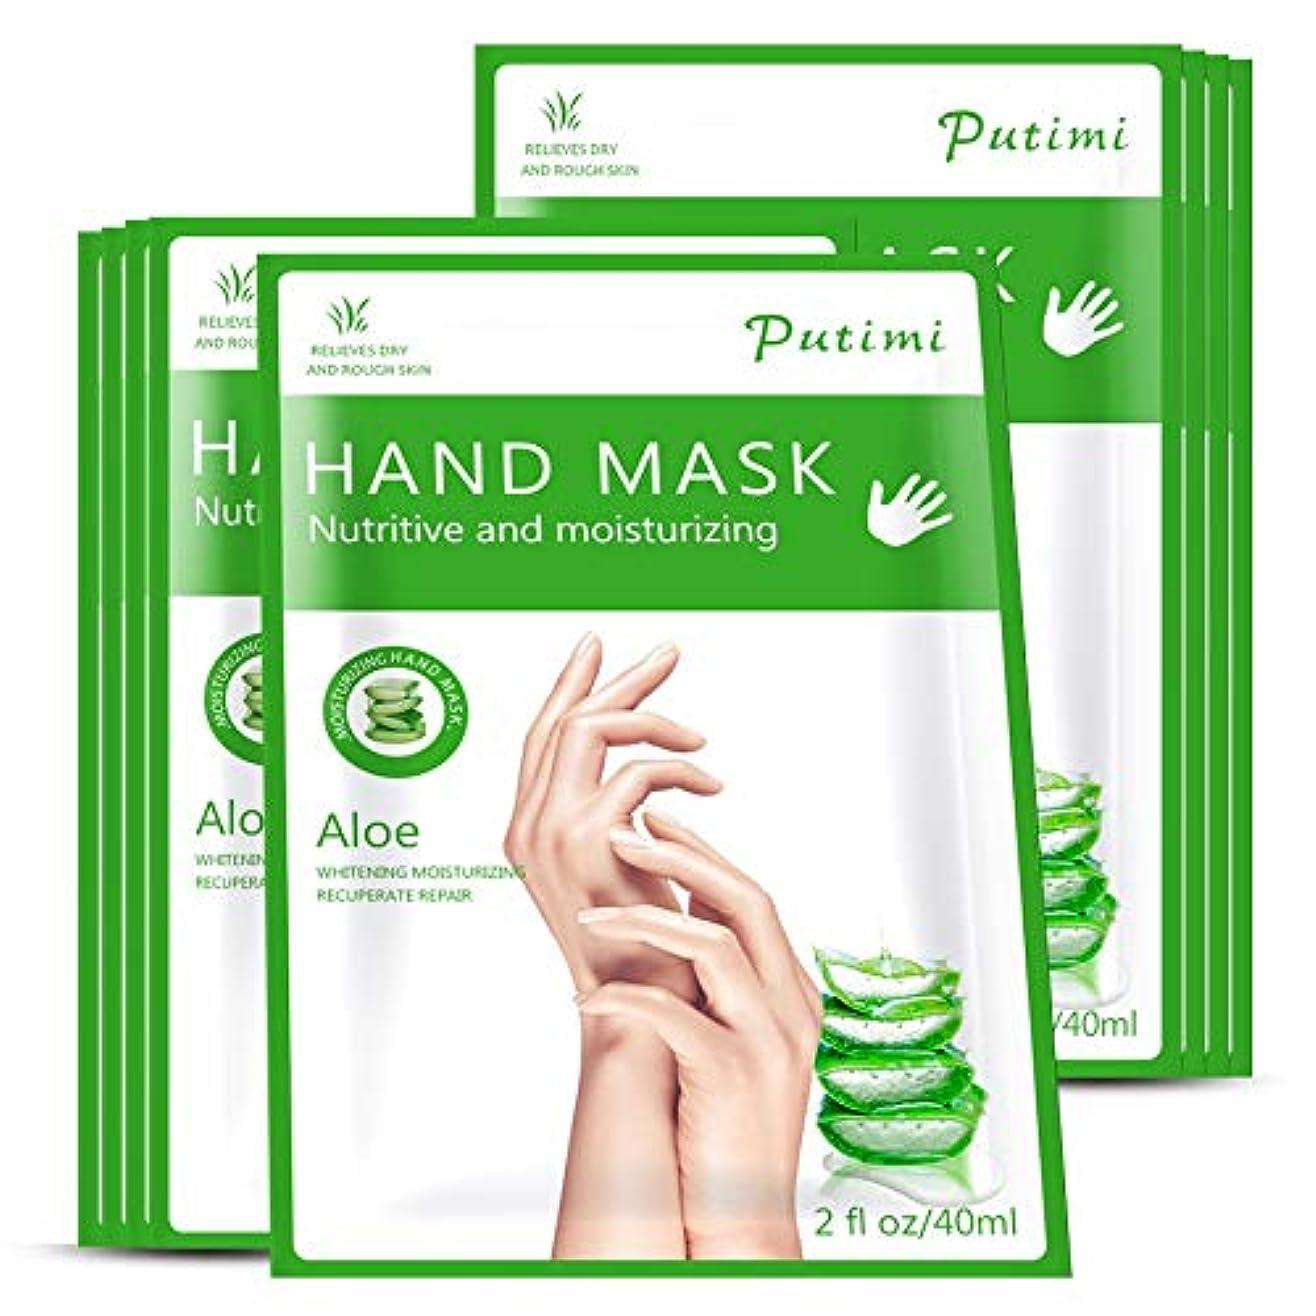 祖母プラスチック運命的な9パックハンドピールマスク - モイスチャライジングハンドマスクハンドフィルム剥離除去マスク - カルスデッドスキンカルスリムーバー - シンプルで快適で効果的なハンドルブリケーター (Color : Green)